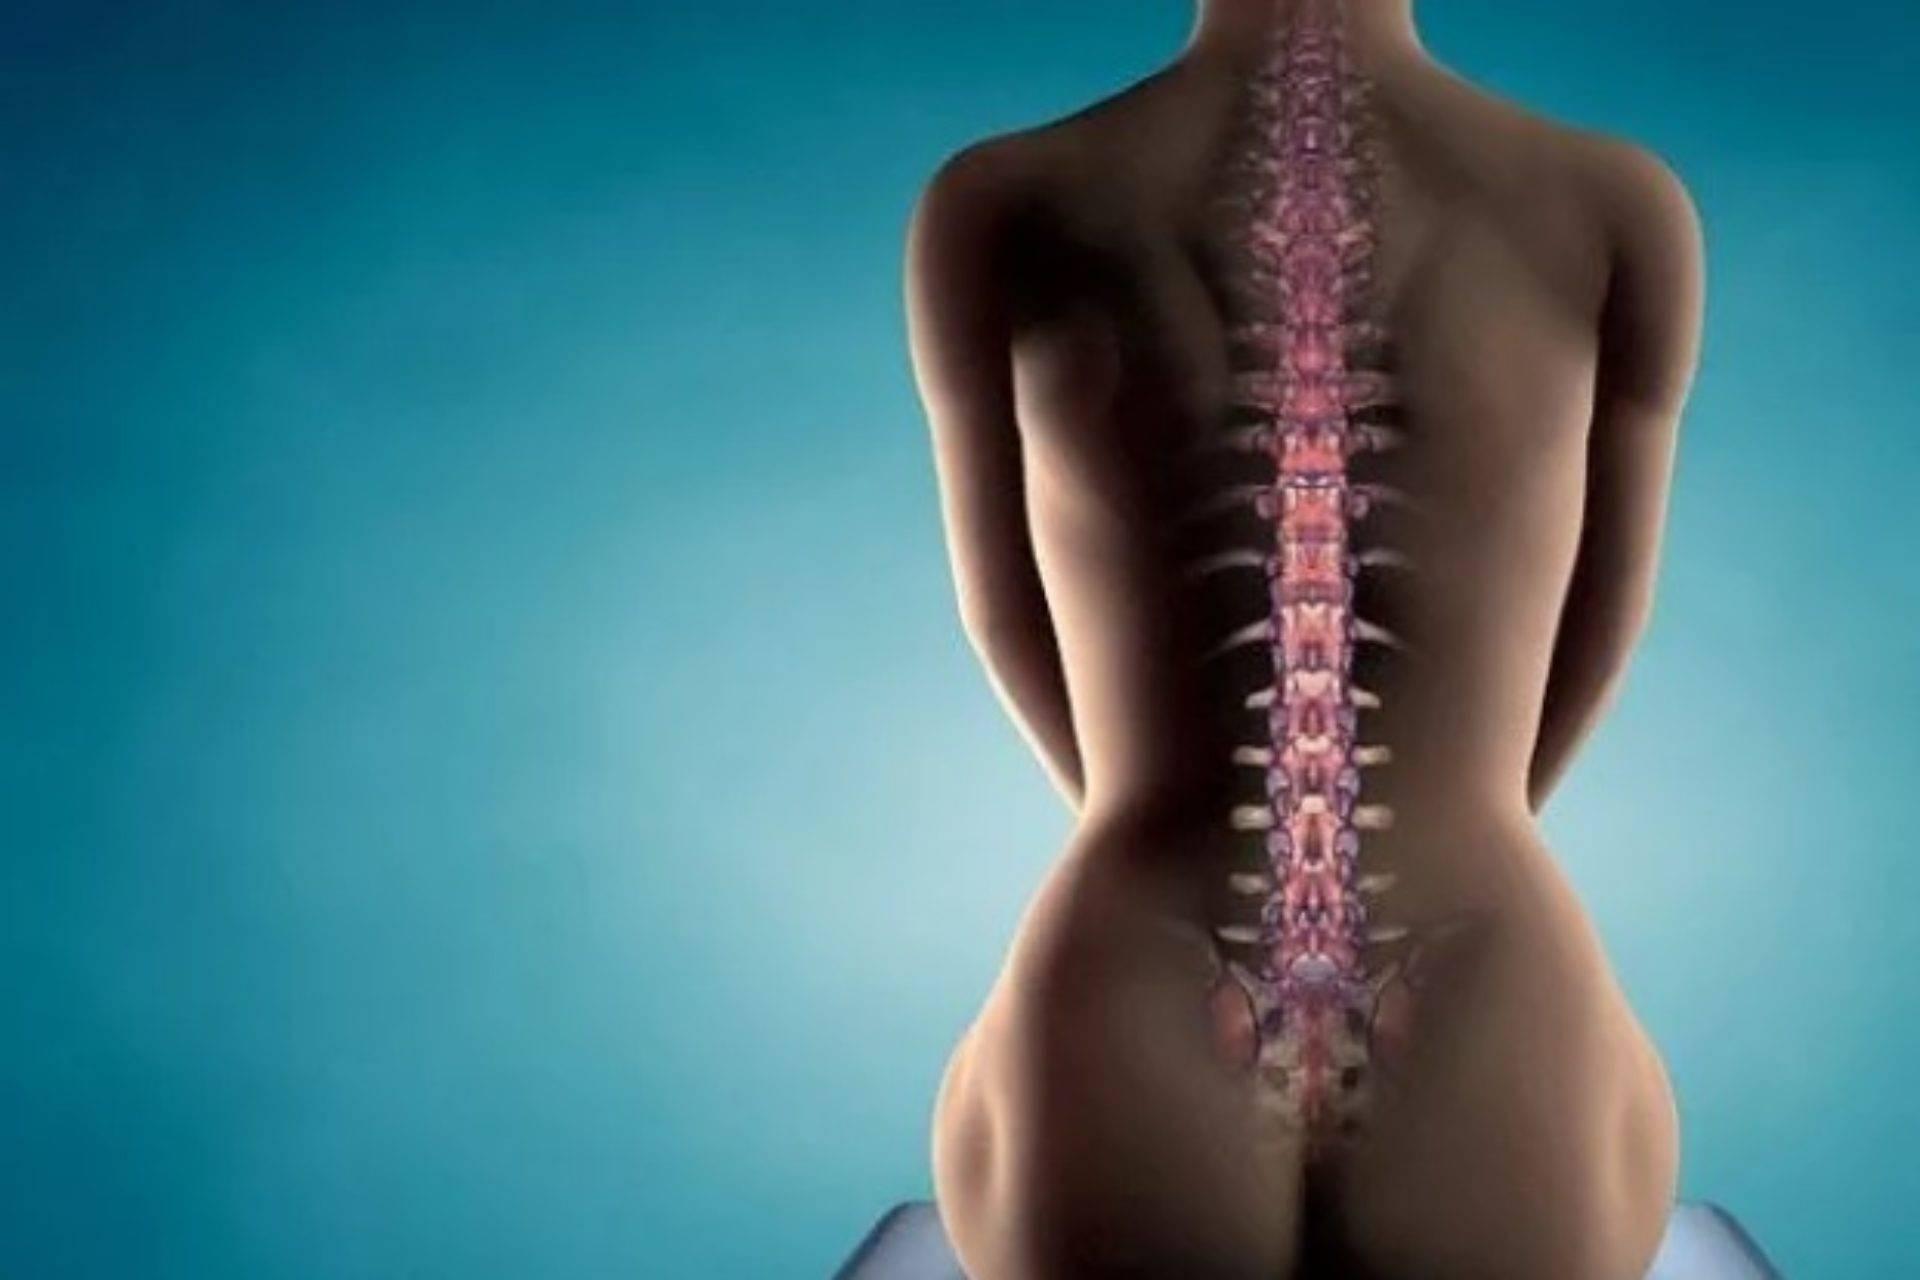 Грыжа позвоночника (поясничная, шейная грыжа): симптомы, лечение – напоправку